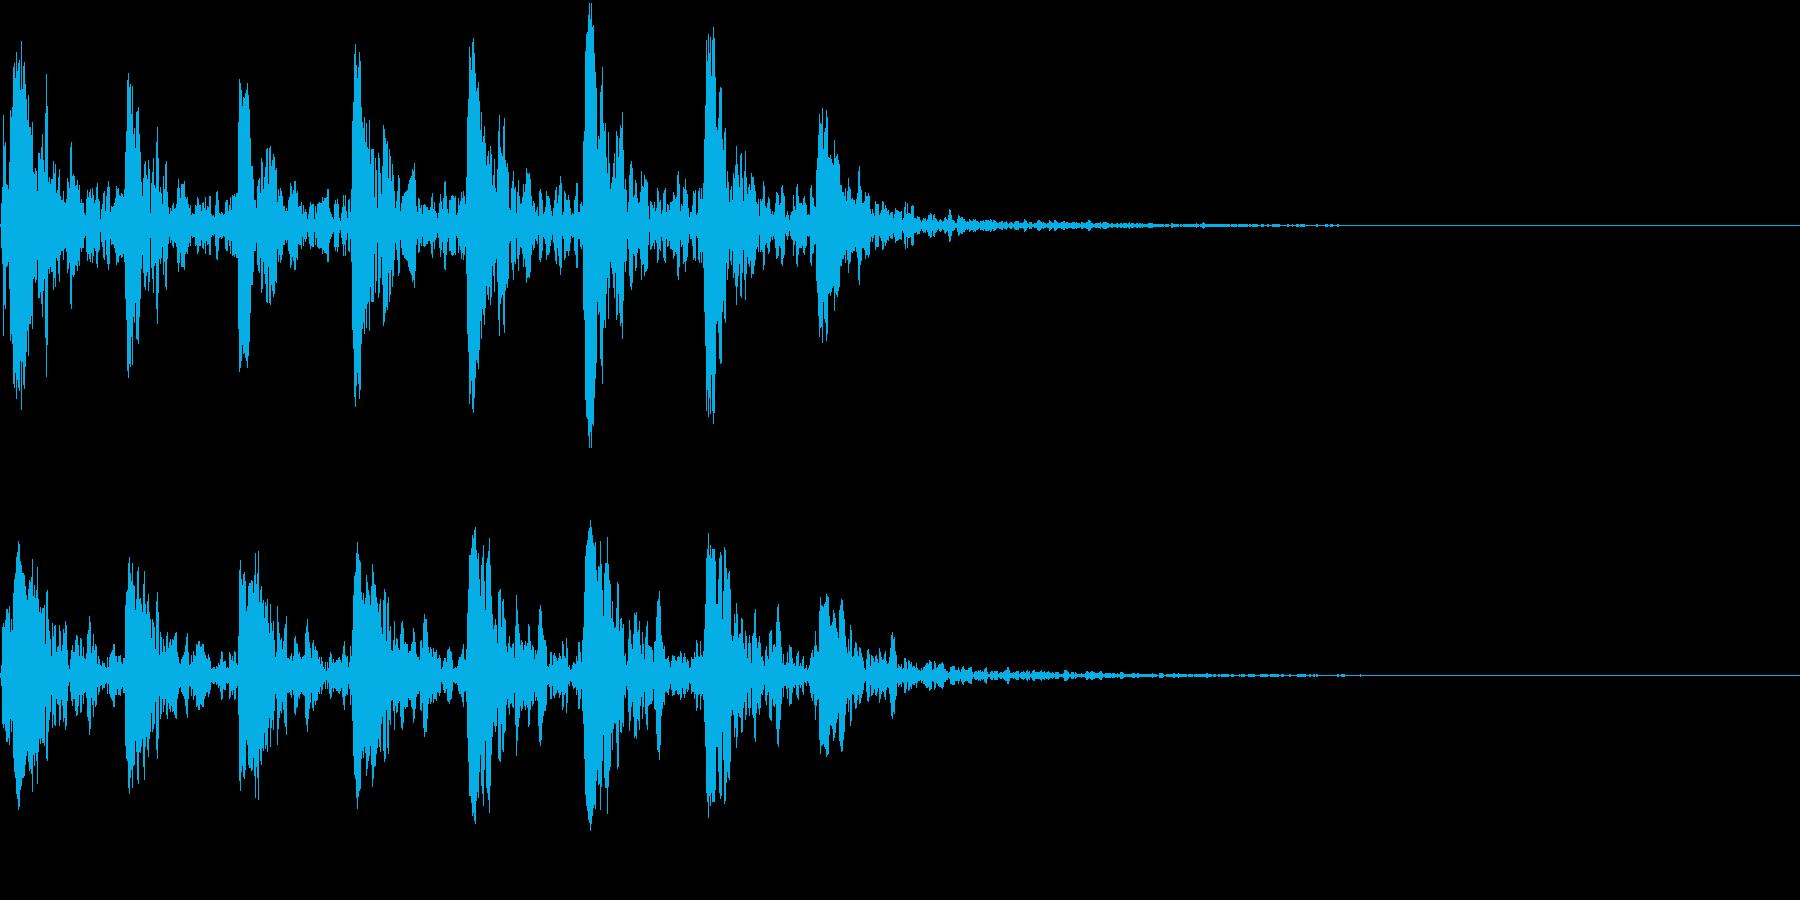 【生録音】小鳥のさえずり 野鳥 1の再生済みの波形